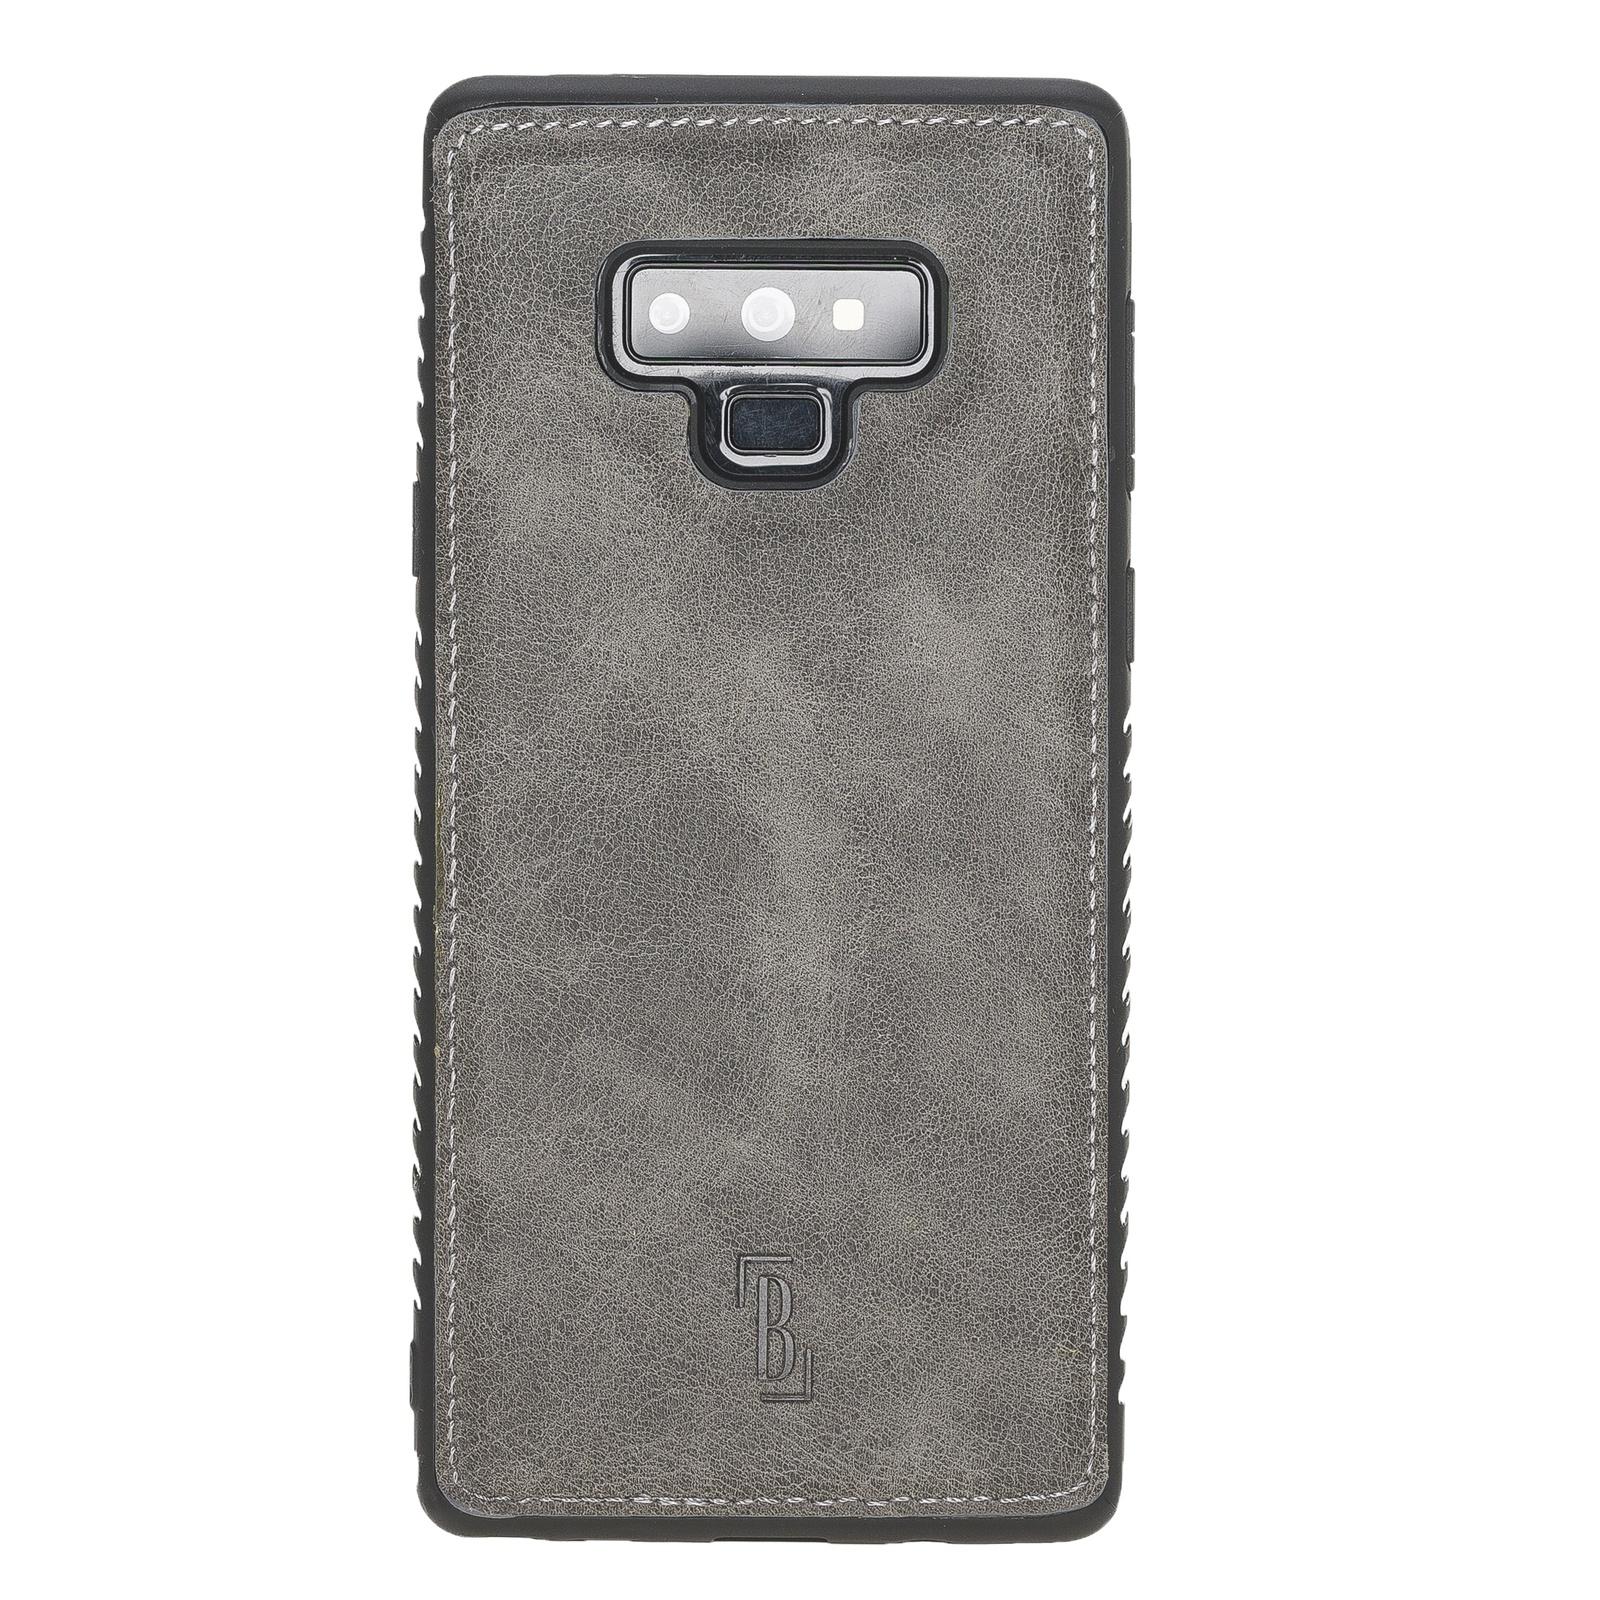 Чехол для сотового телефона Burkley для Samsung Galaxy Note 9 FlexCover, темно-серый